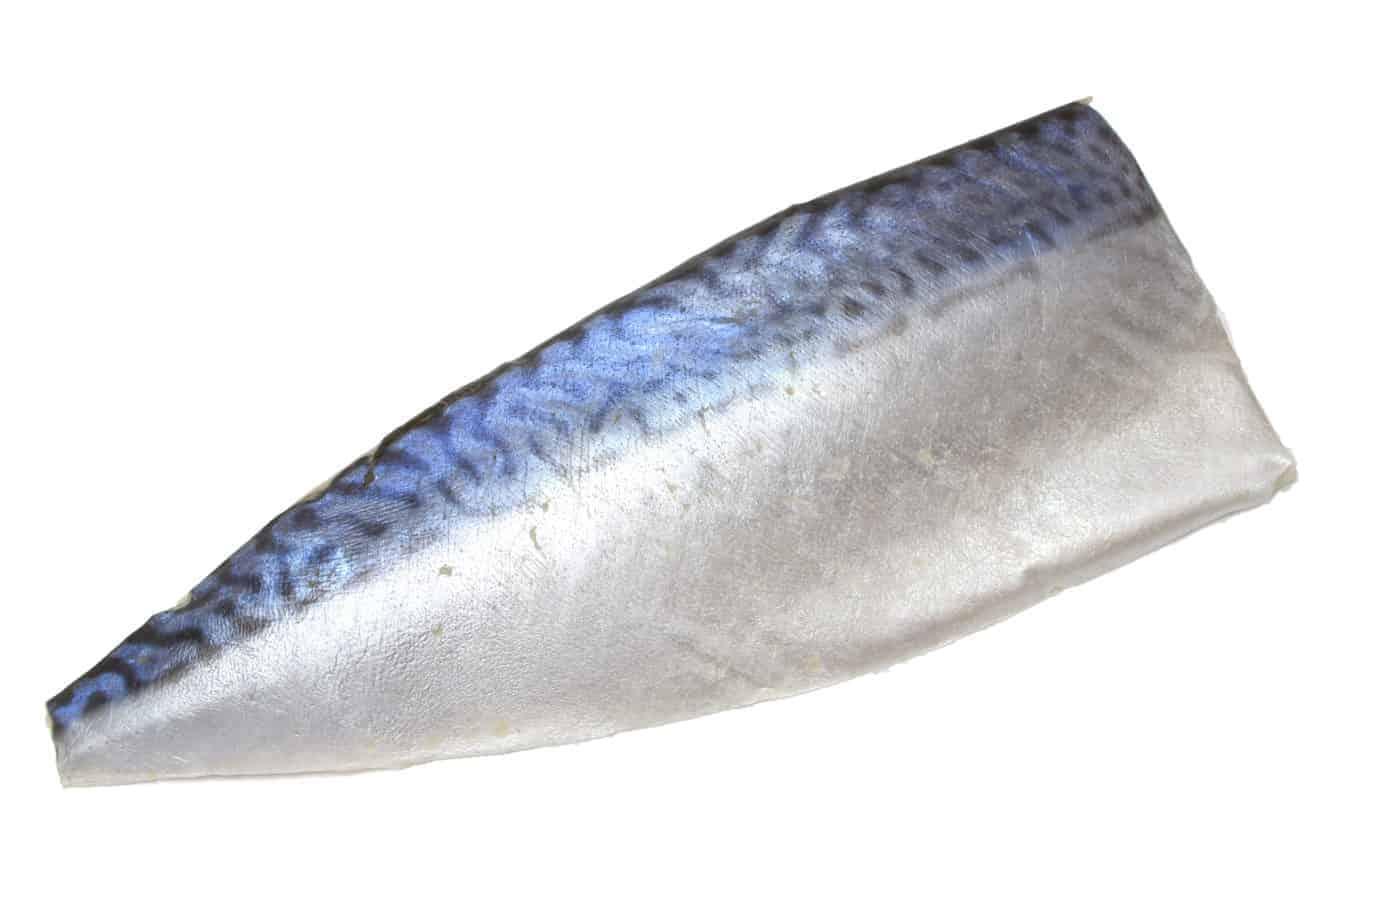 Buttermakrelenfischfilet